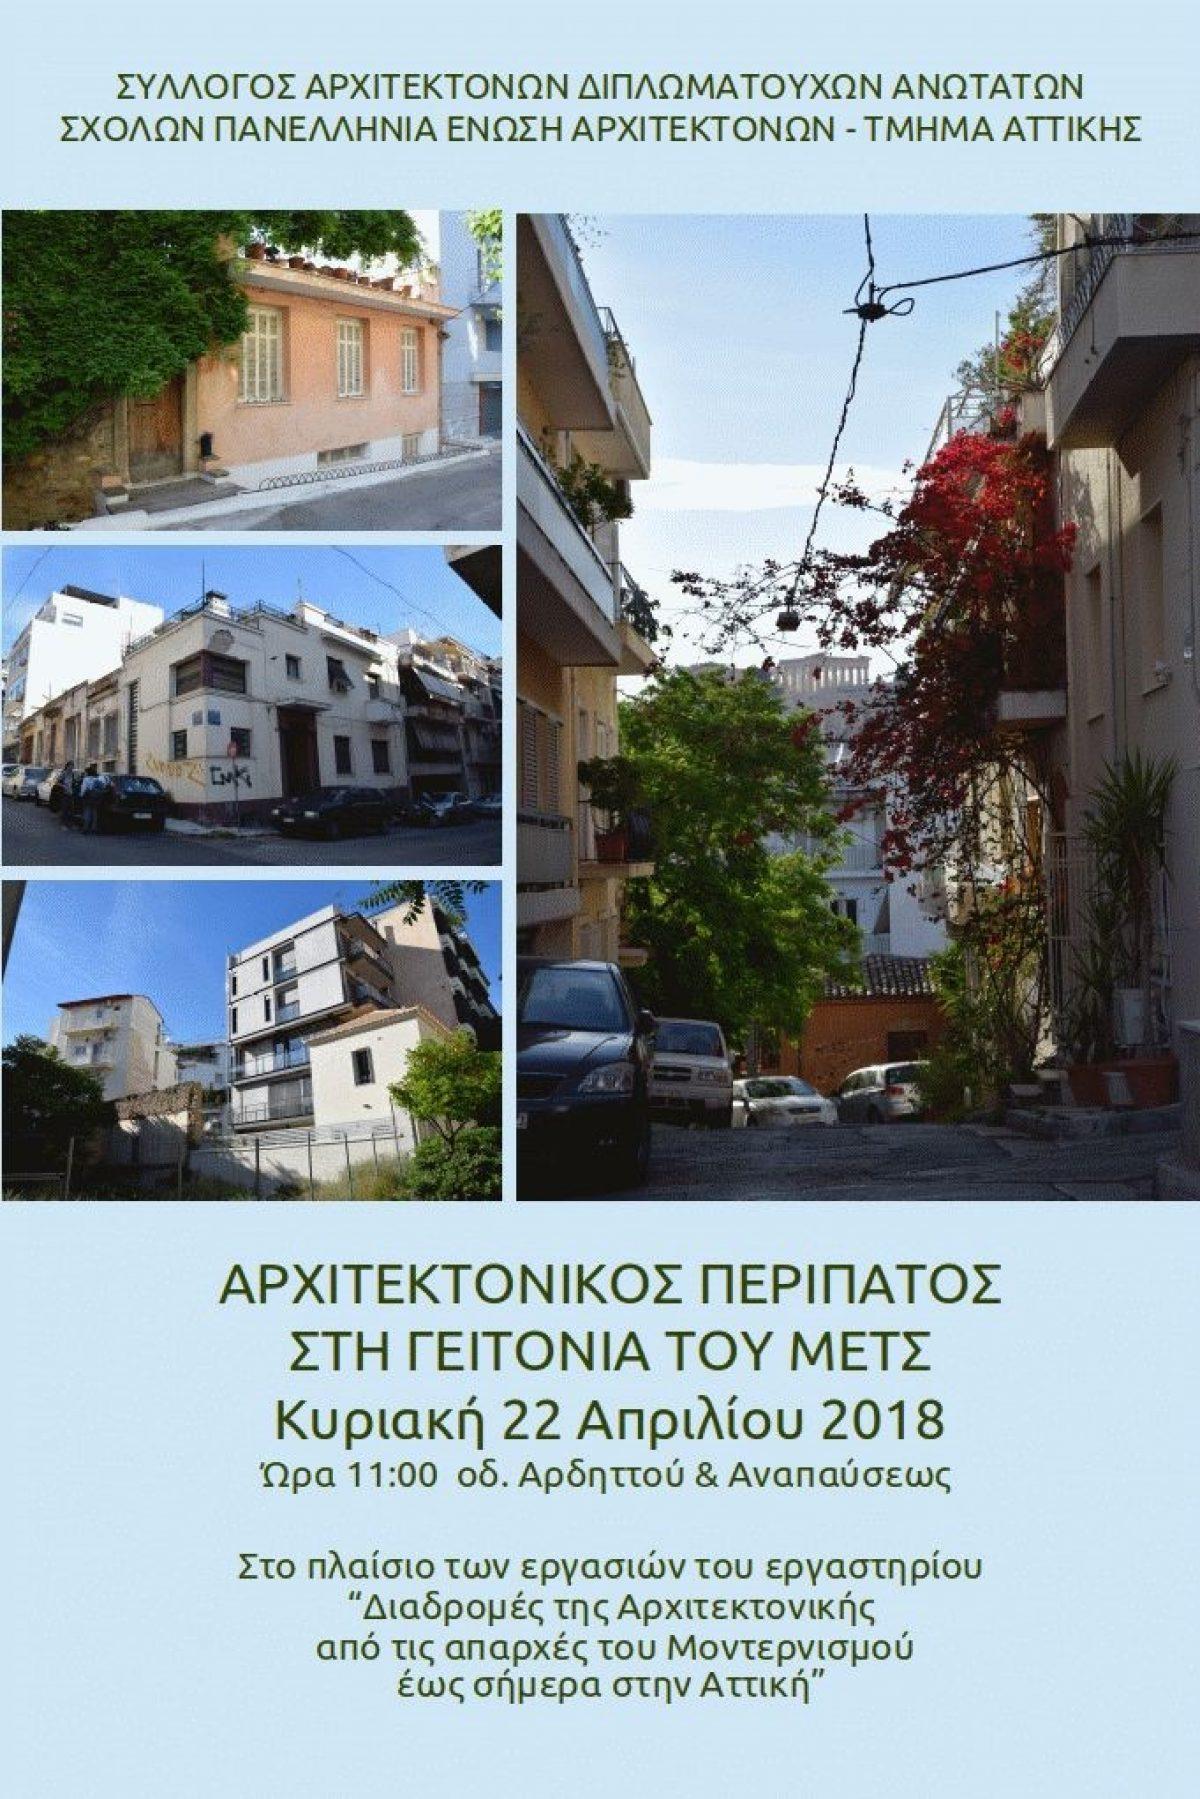 3ος Αρχιτεκτονικός Περίπατος στην περιοχή του ΜΕΤΣ που διοργανώνει το 3o Workshop 2018: «Διαδρομές της αρχιτεκτονικής, από τις απαρχές της εμφάνισης του μοντερνισμού μέχρι σήμερα, στην Αττική»